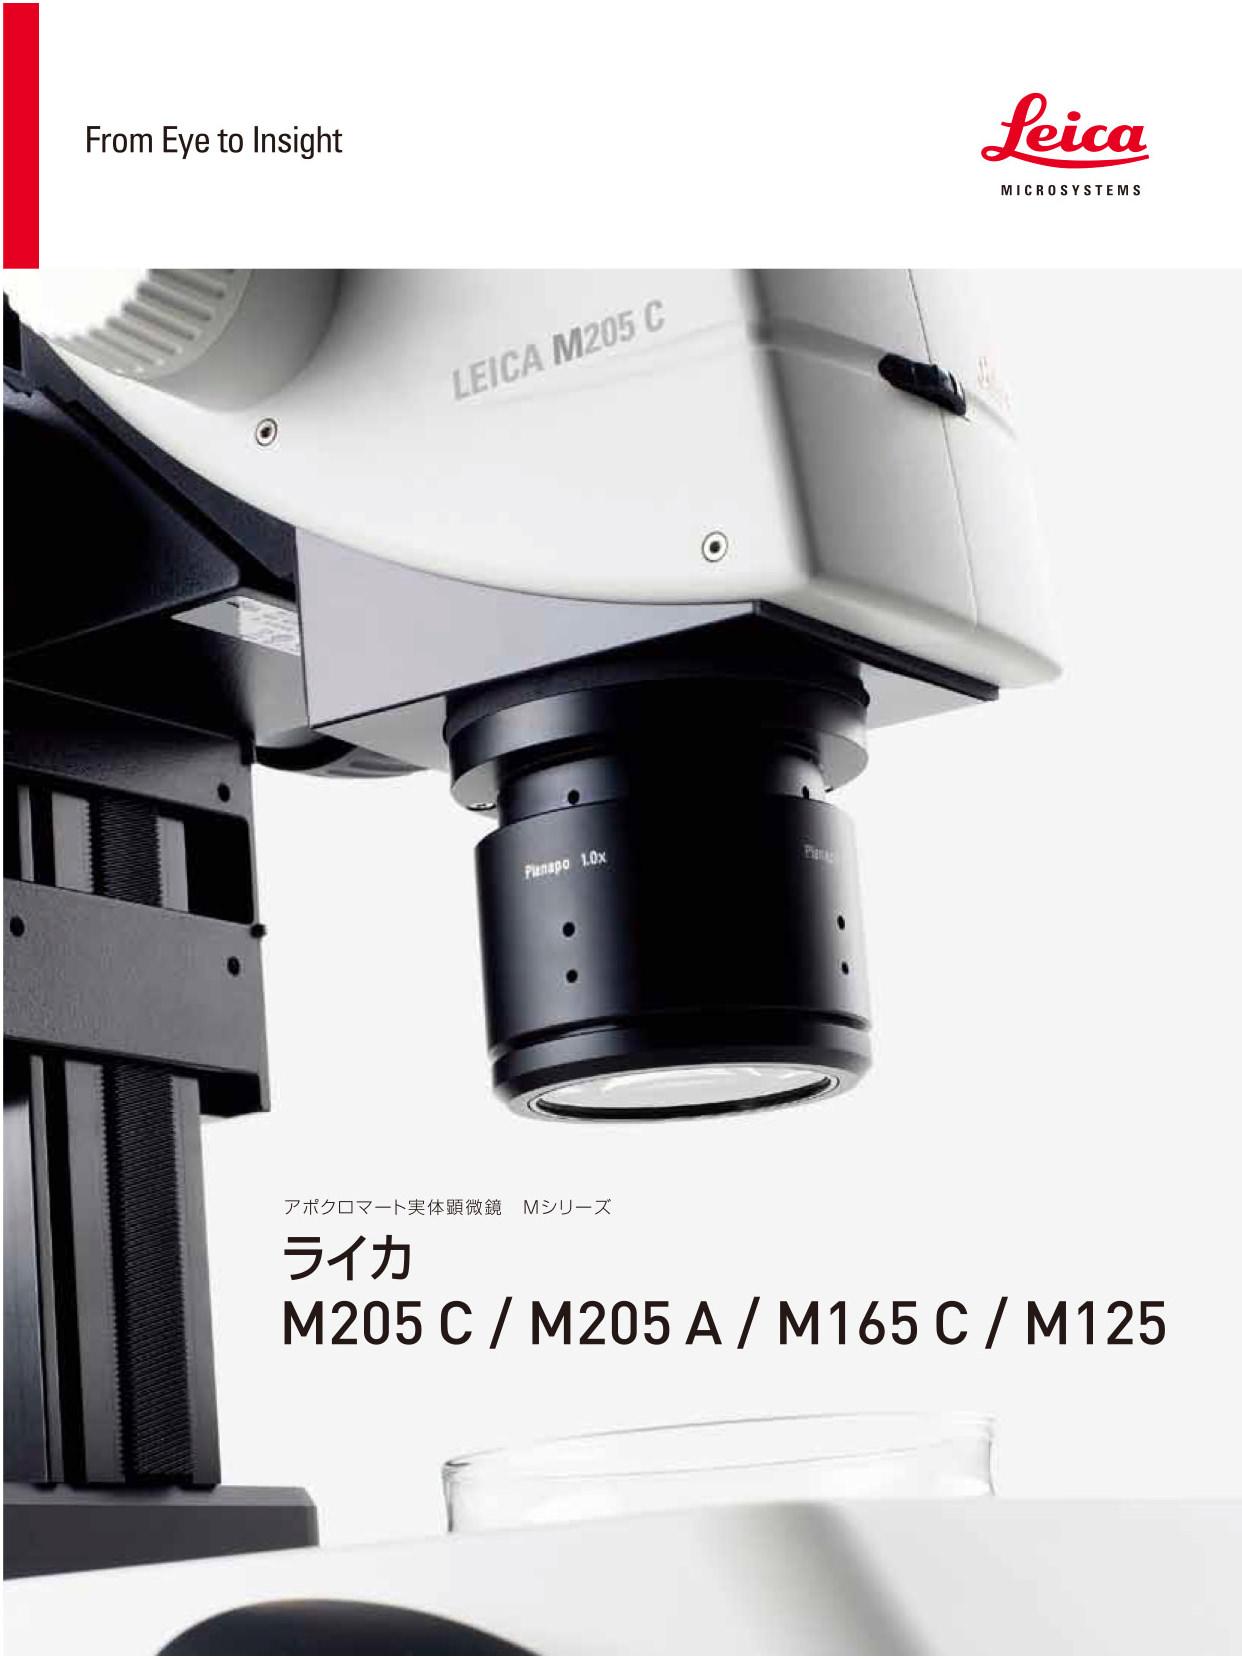 ダウンロード/実体顕微鏡 Leica M205 C/M165 C/M125 カタログ